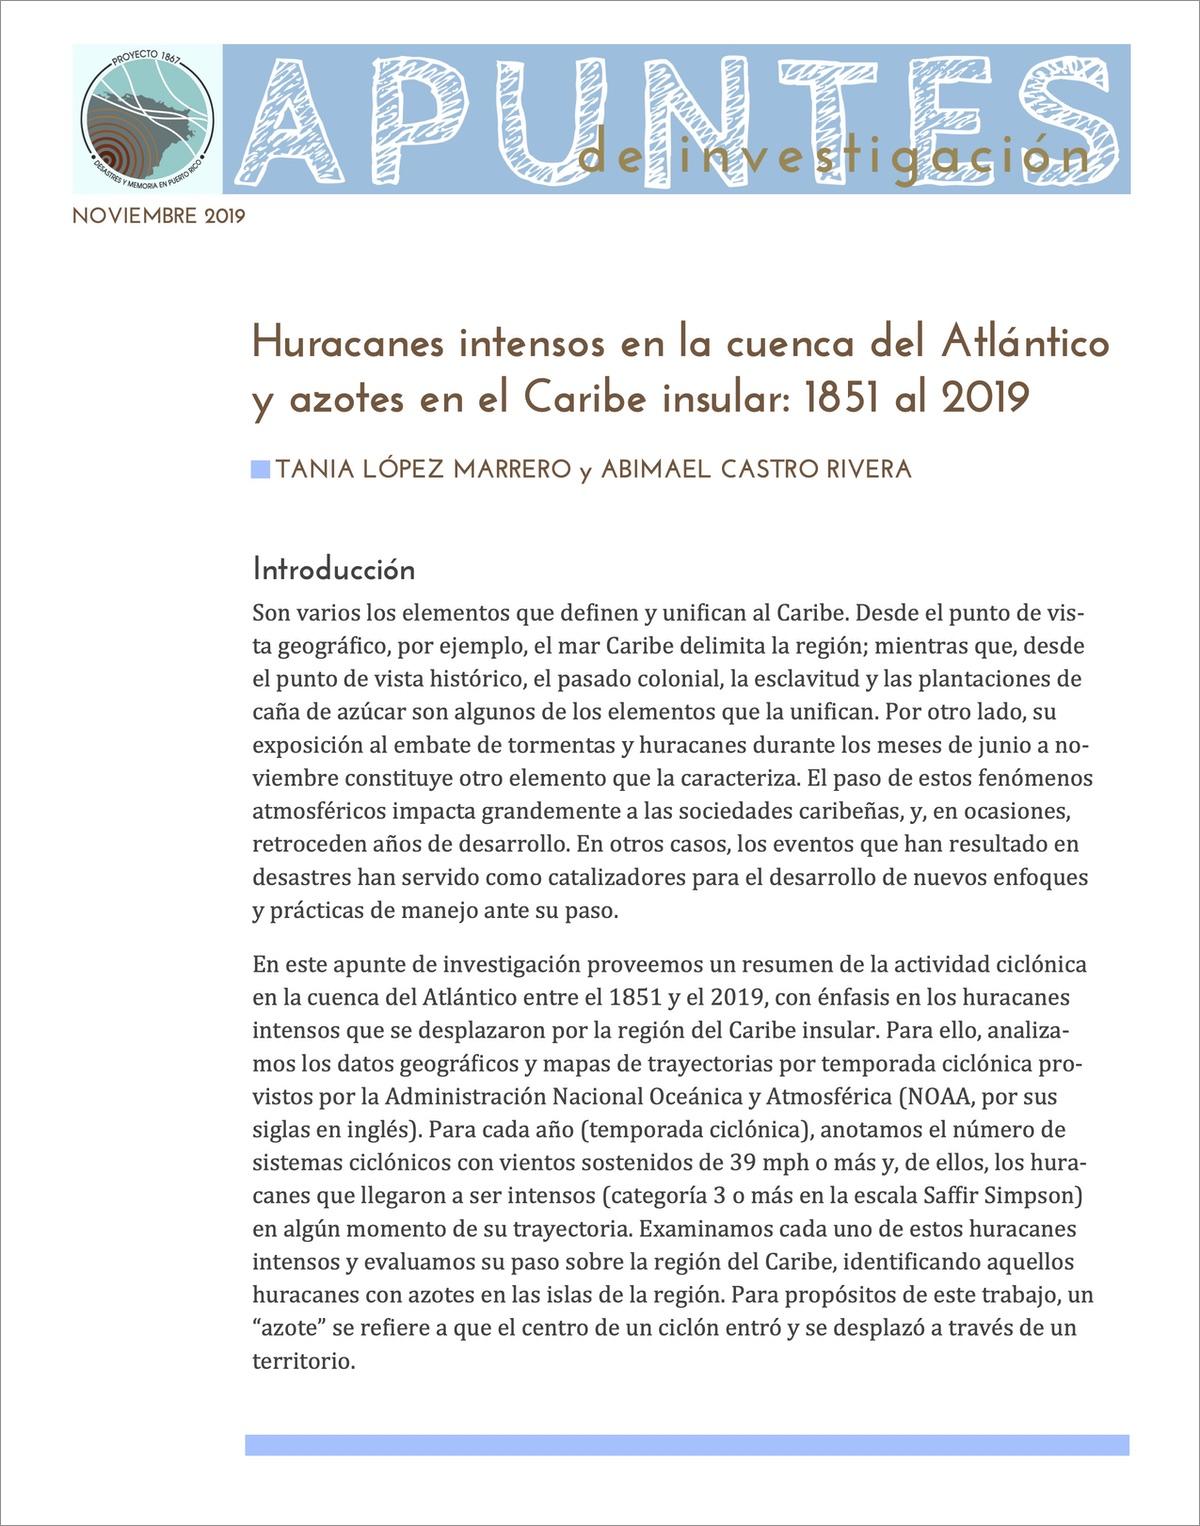 Huracanes intensos en la cuenca del Atlántico y azotes en el Caribe insular: 1851 al 2019